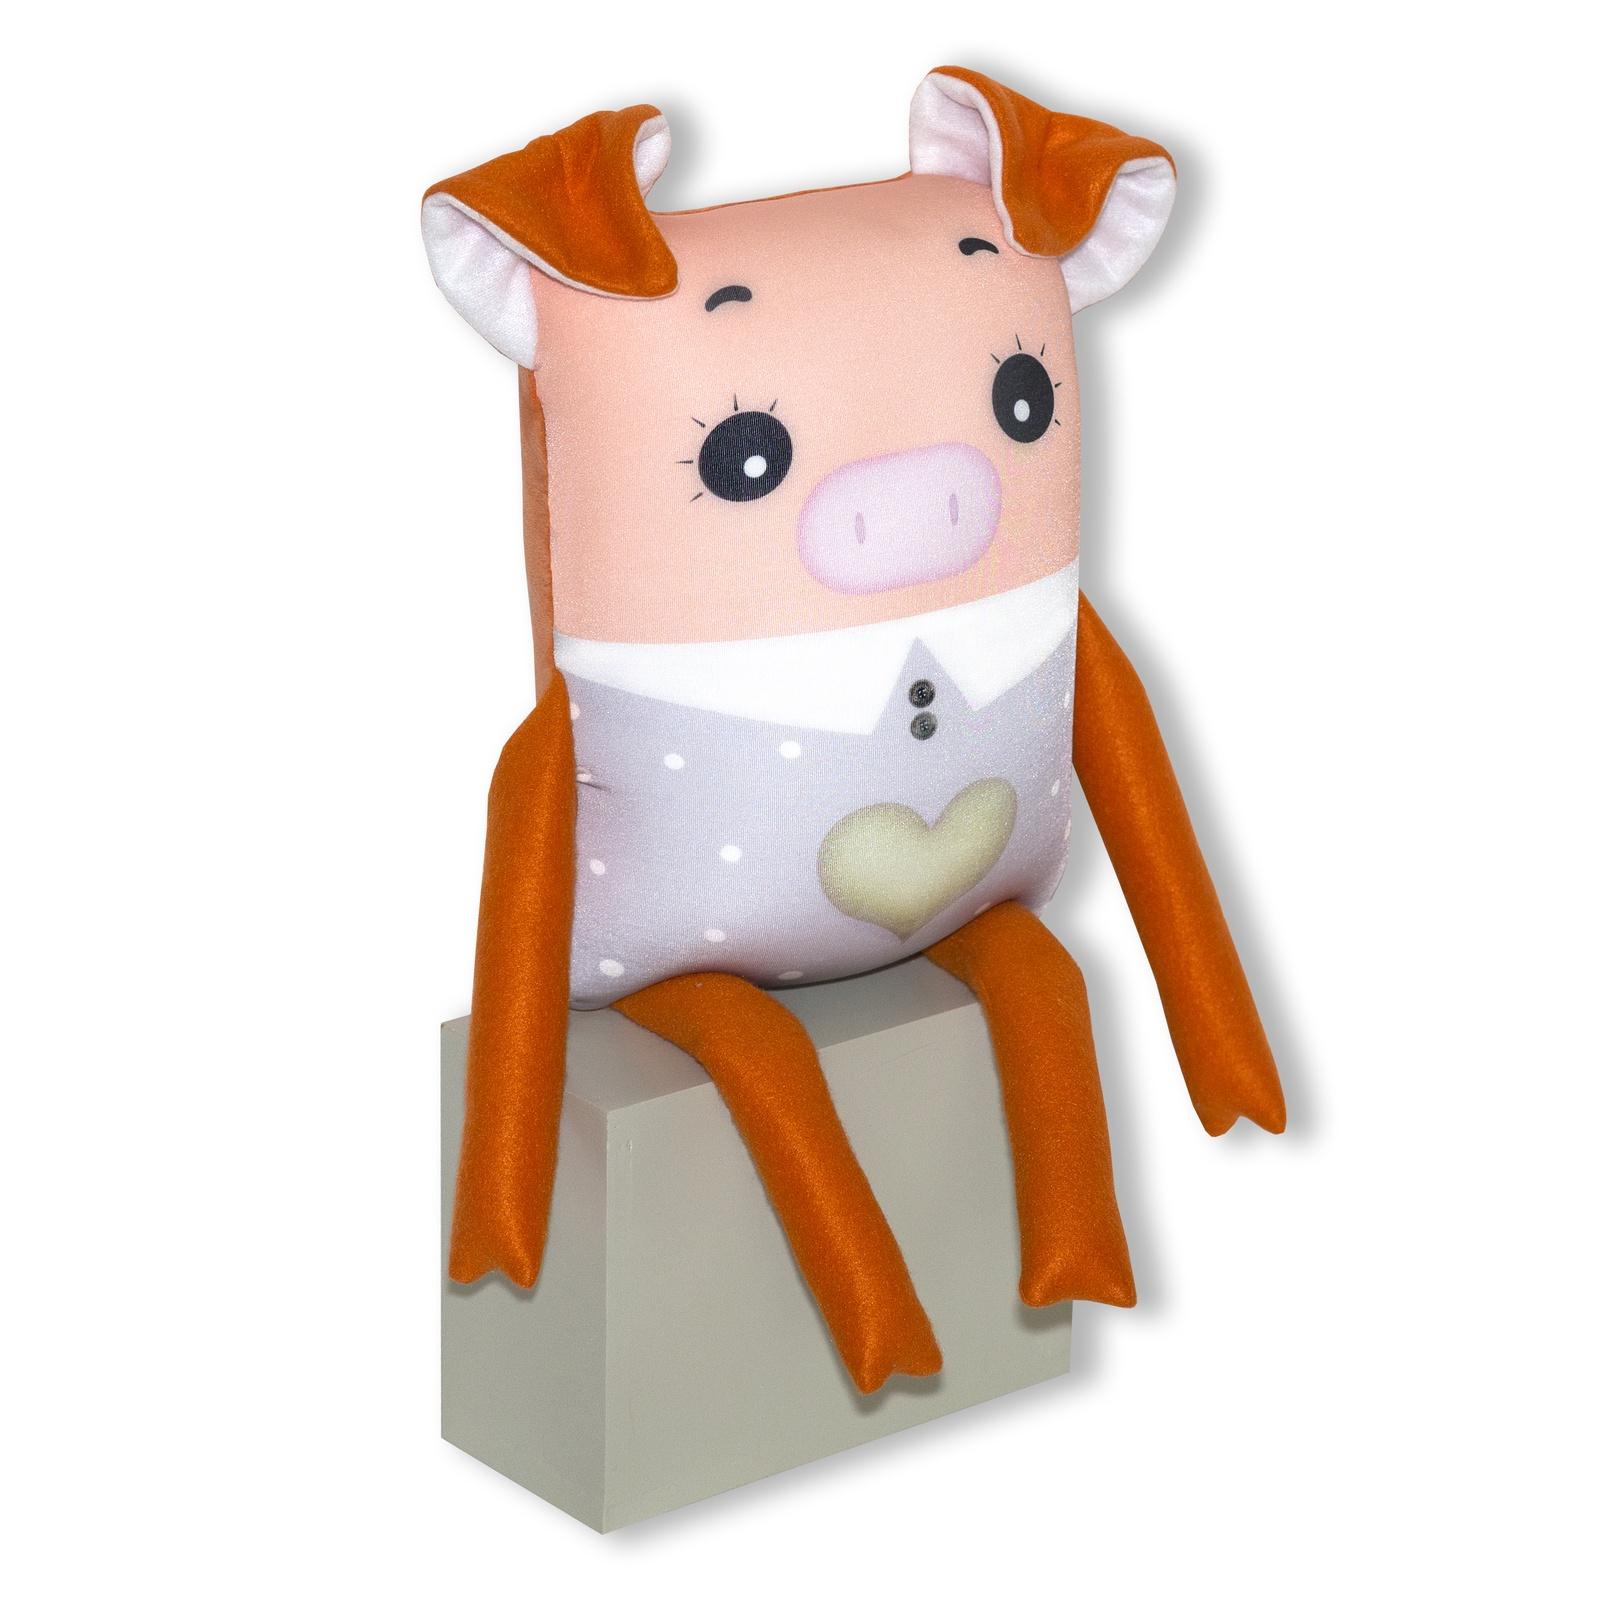 Игрушка антистресс Штучки, к которым тянутся ручки Хрюша Нюша оранжевый